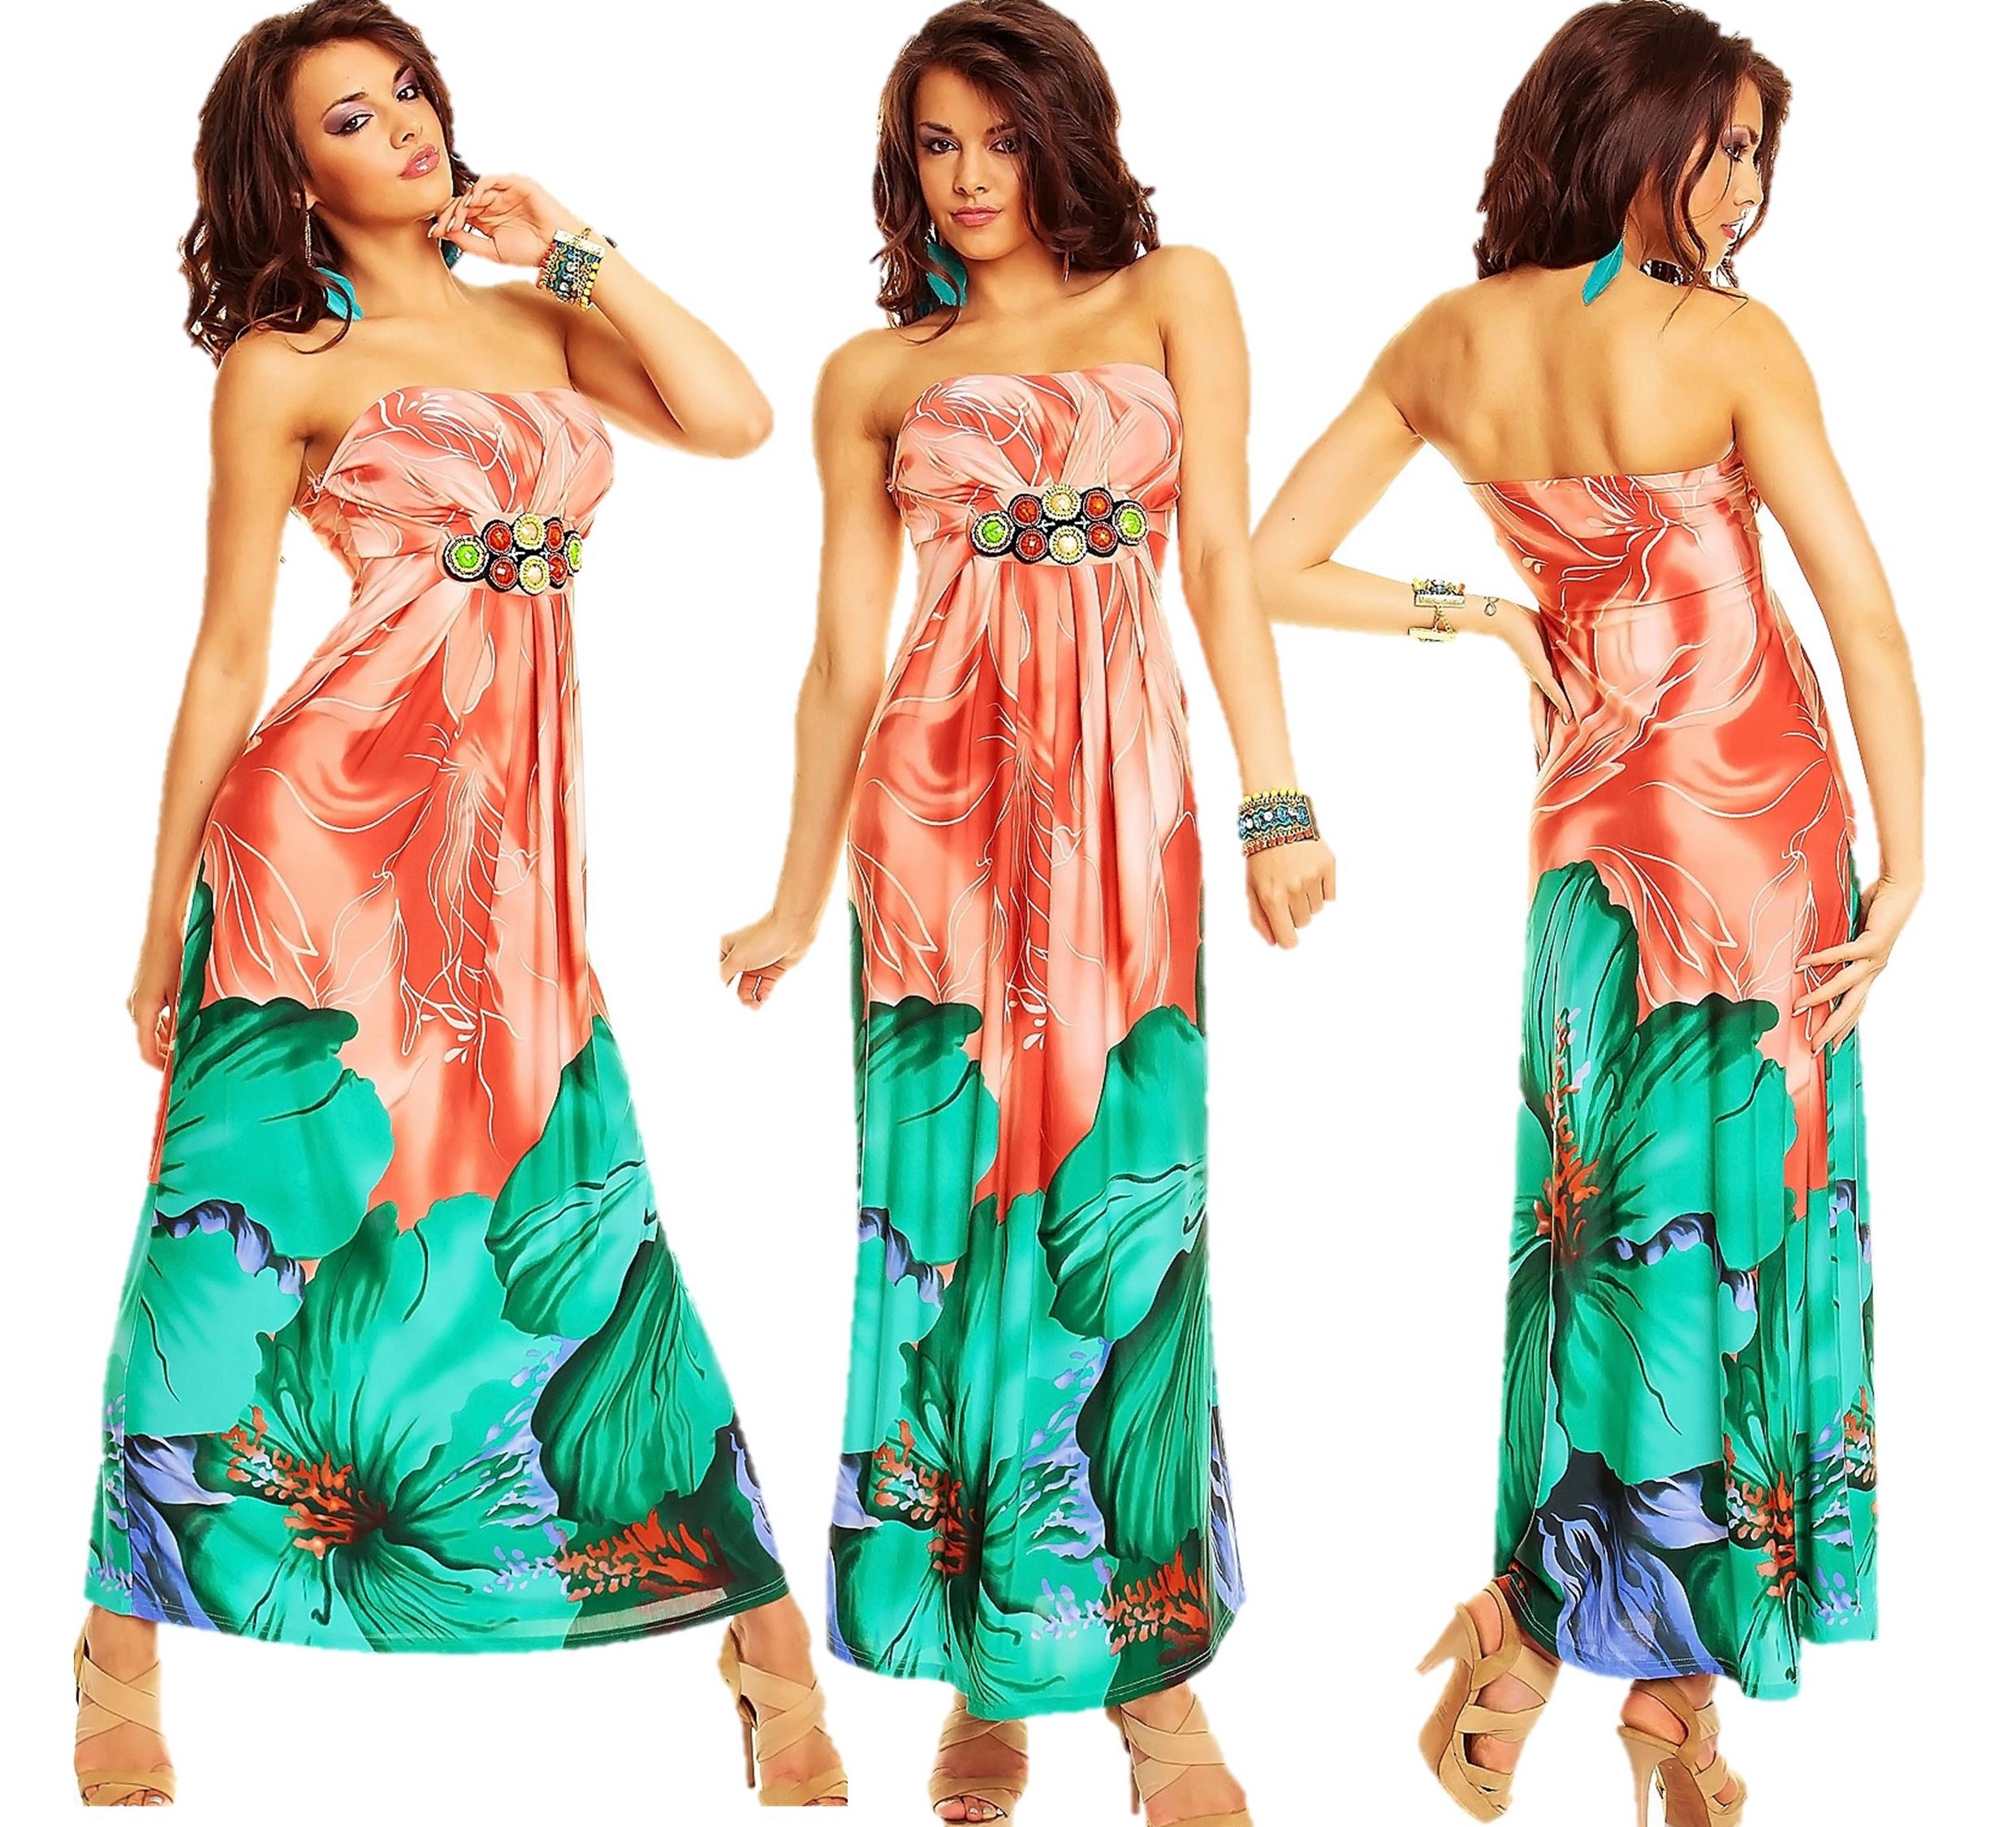 Details zu Kleid Maxikleid Bandeau Kleid Strass Perlen Blumen-Motiv  Abendkleid Sommer Party